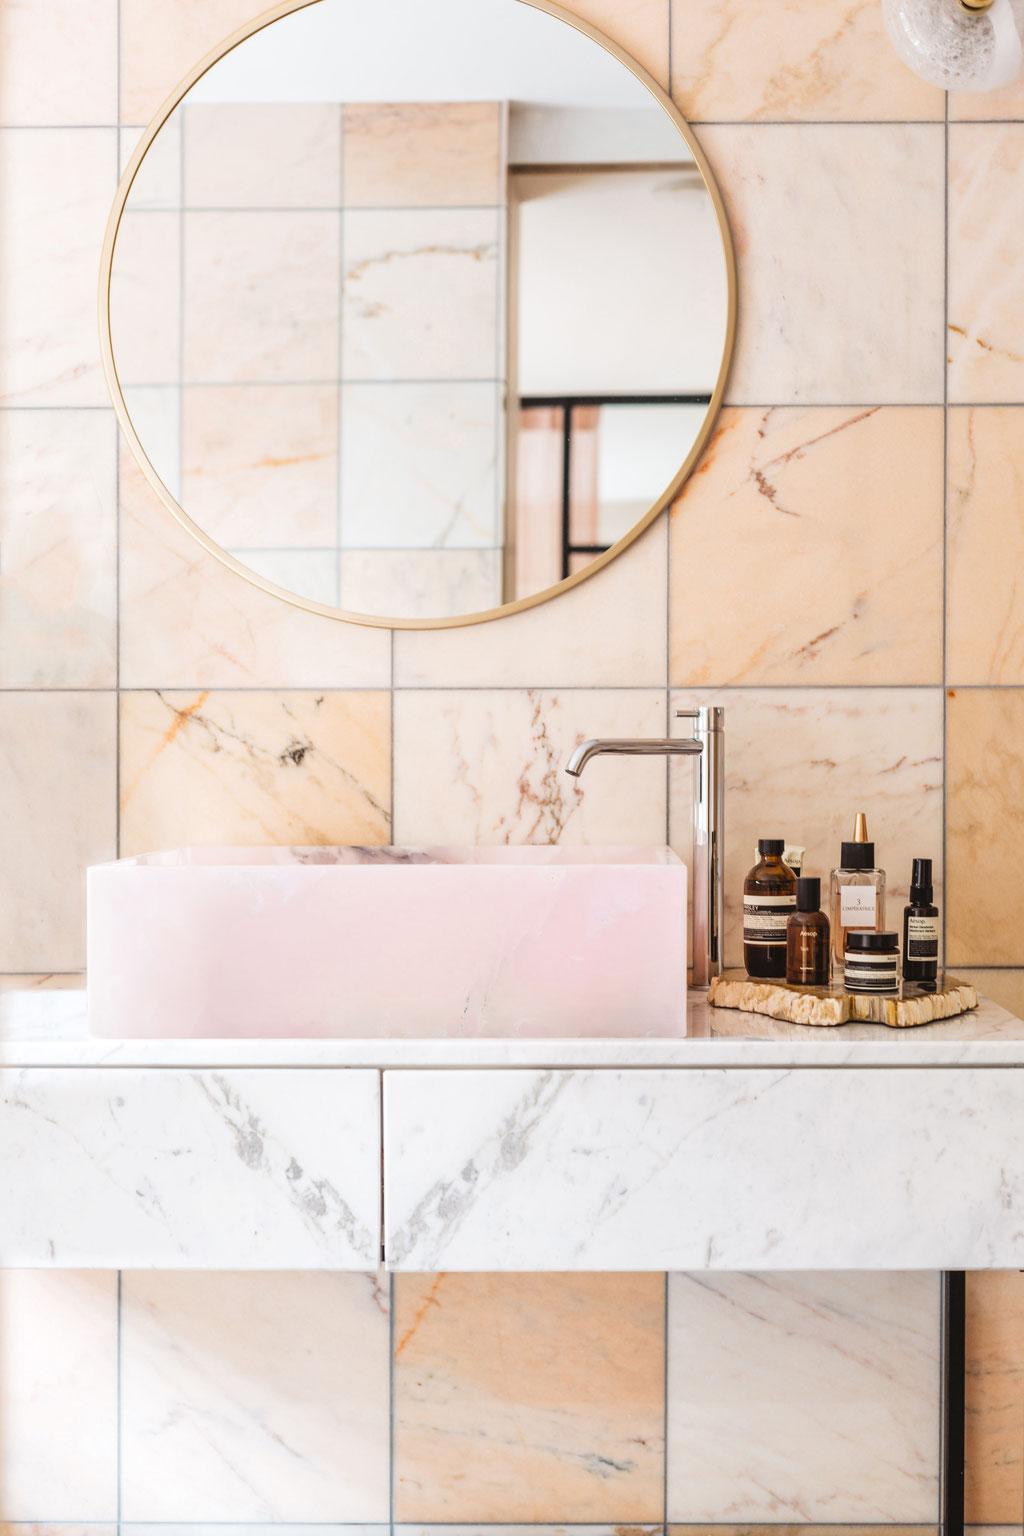 Pink Onyx en Rosa Portogallo marmer. Design by EN Atelier. photo by Iris Duvekot